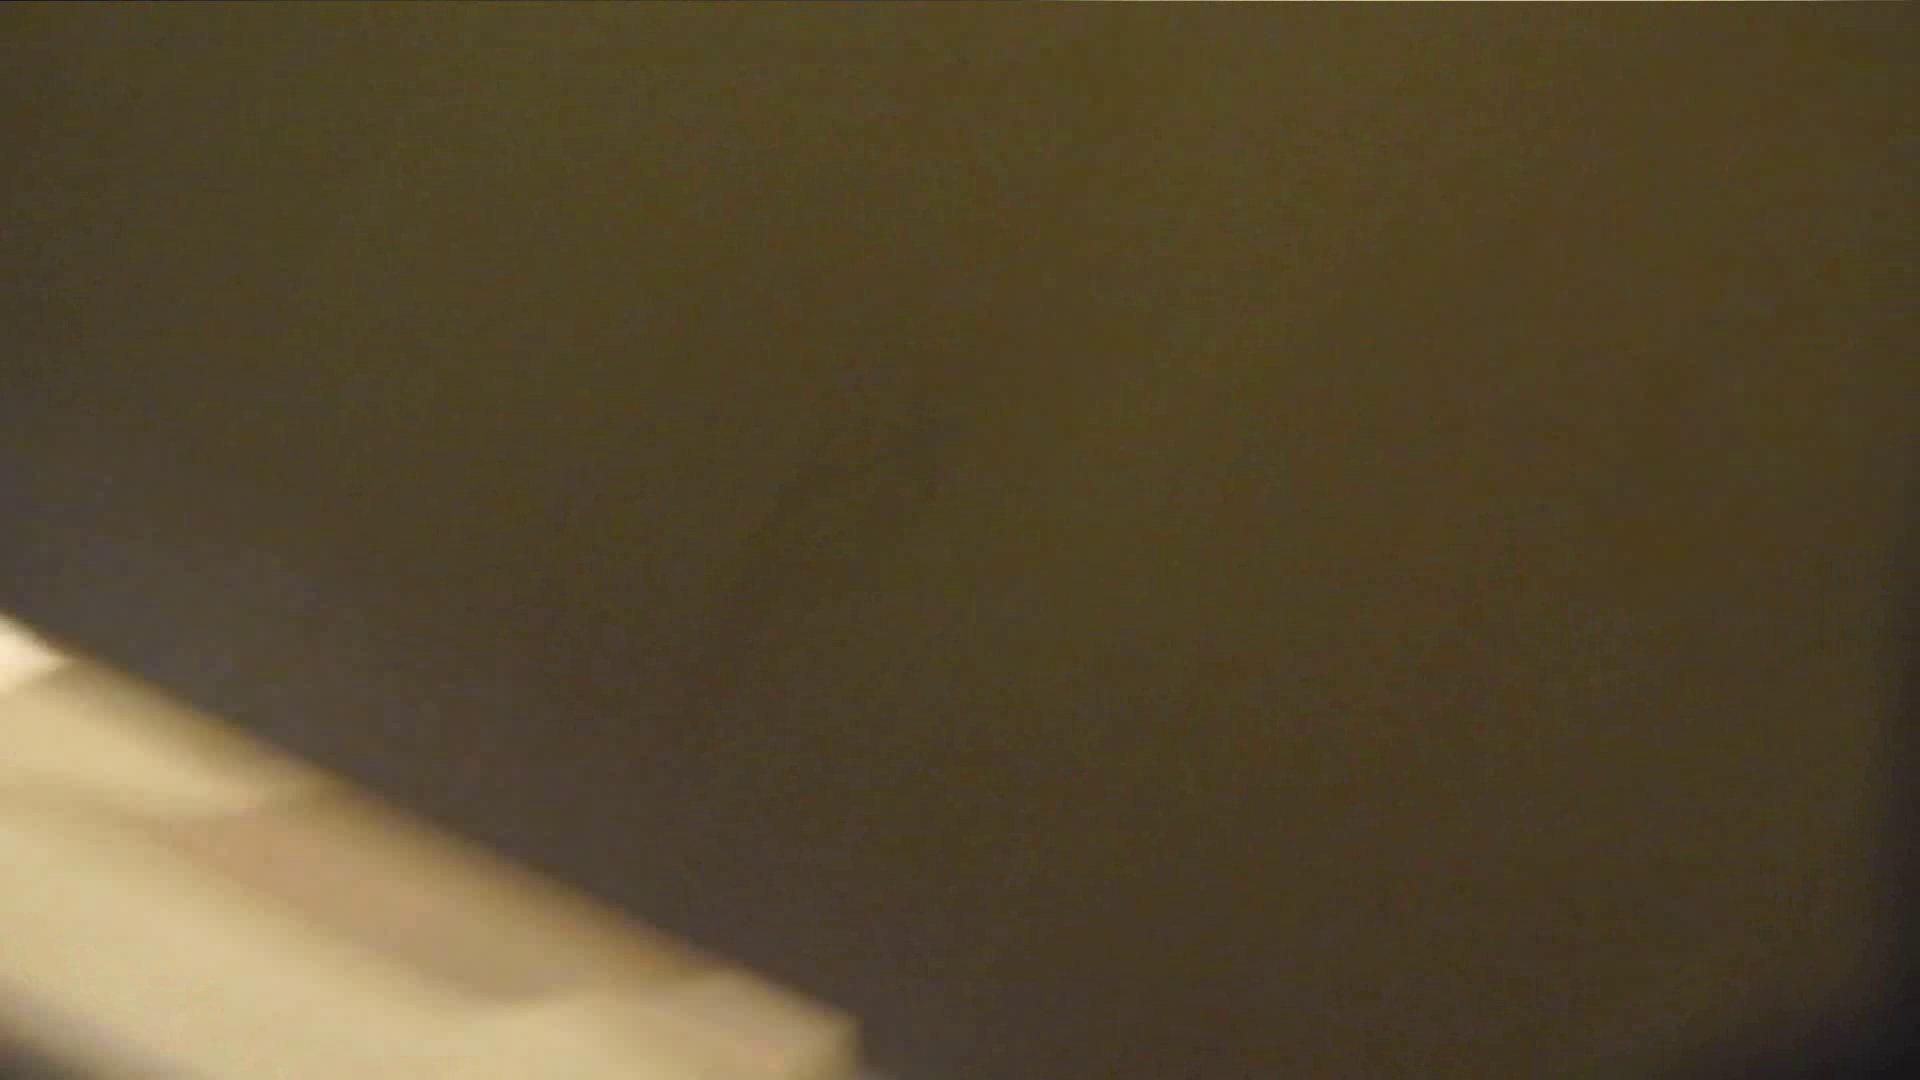 阿国ちゃんの「和式洋式七変化」No.18 iBO(フタコブ) 洗面所  112pic 2